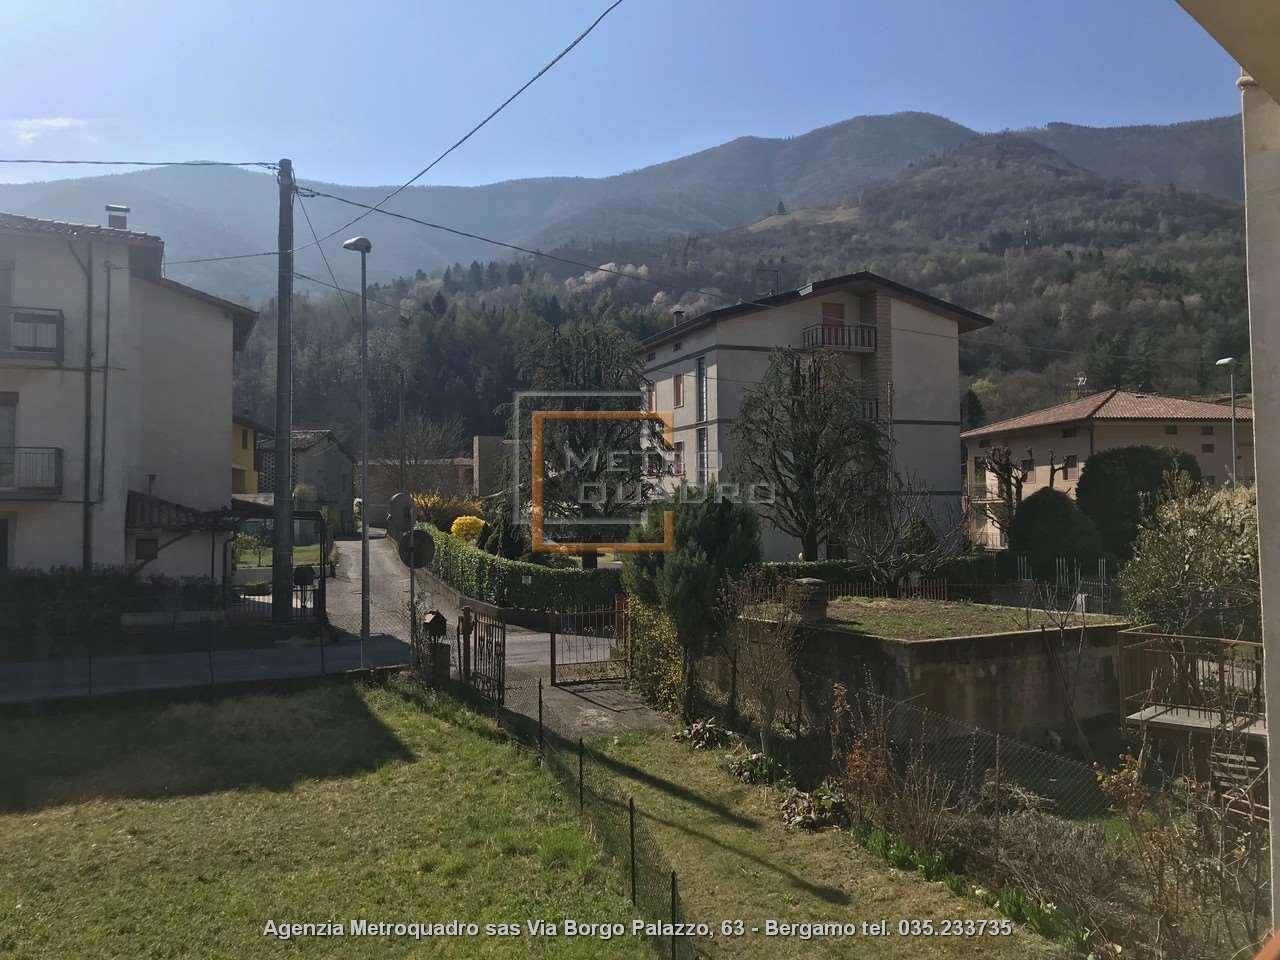 Appartamento in vendita a Endine Gaiano, 5 locali, prezzo € 75.000 | CambioCasa.it